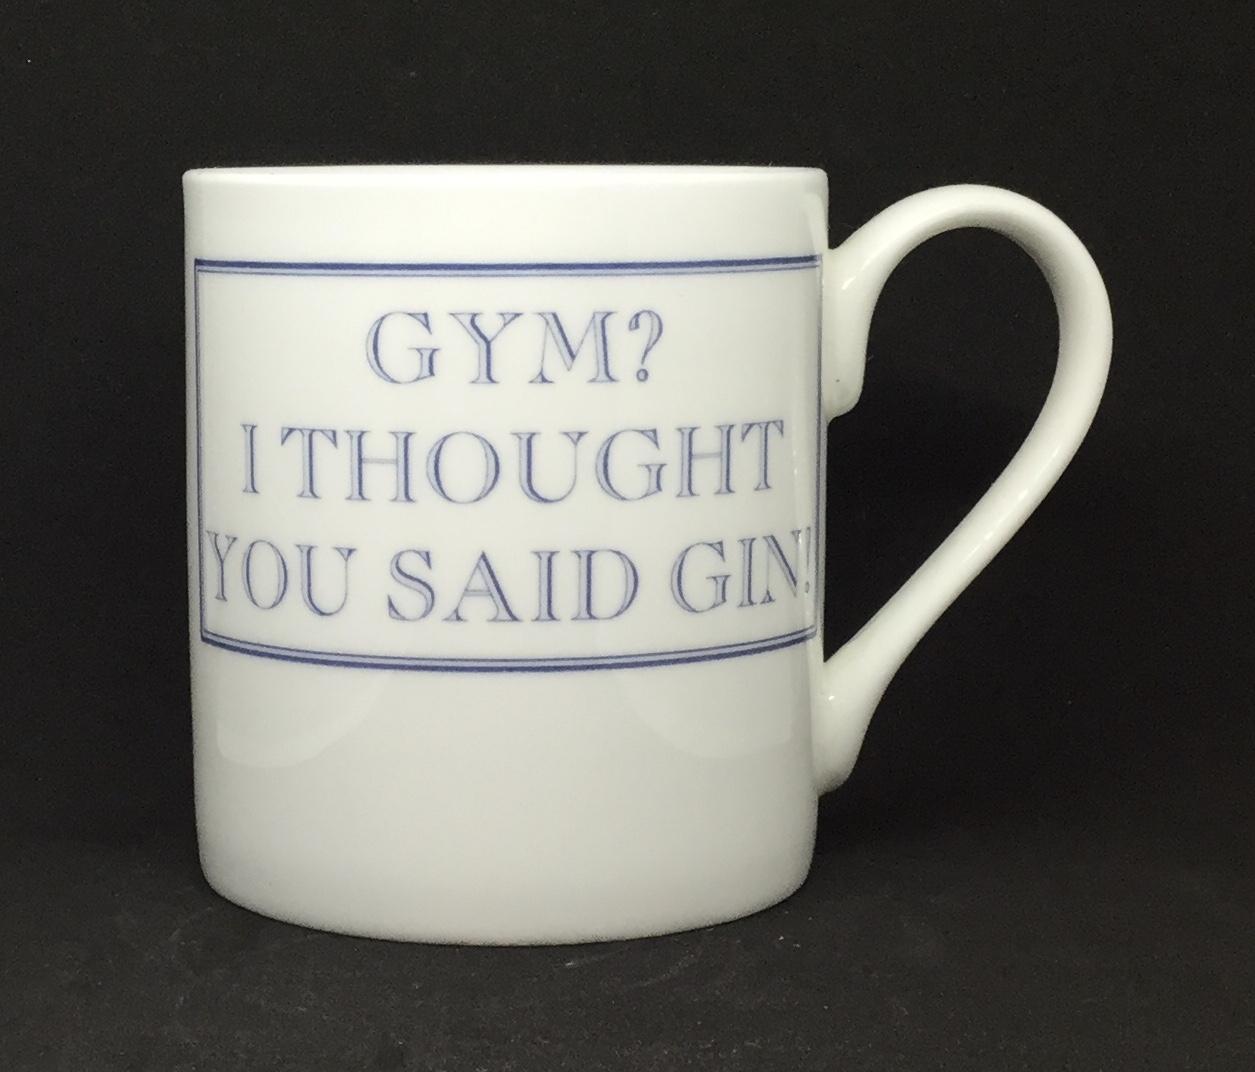 'Gym? I thought you said gin!' mug